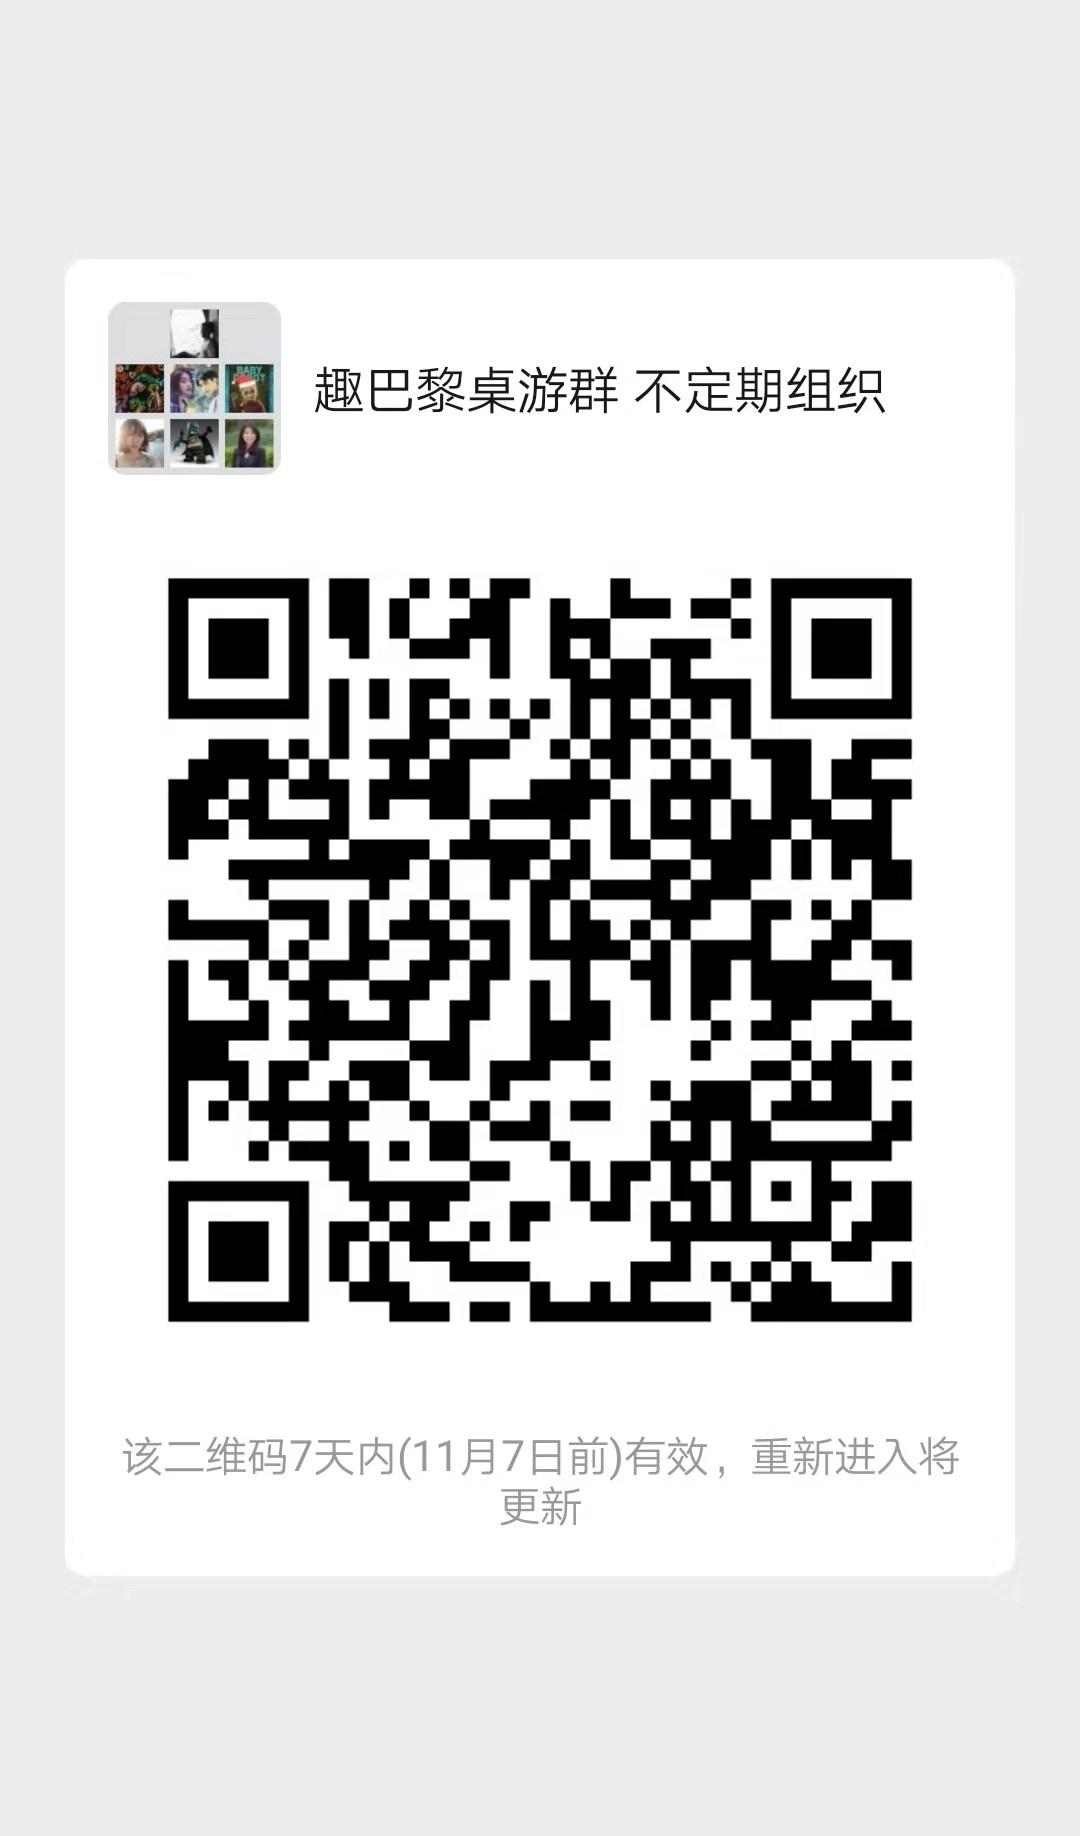 微信图片_20191031110319.jpg